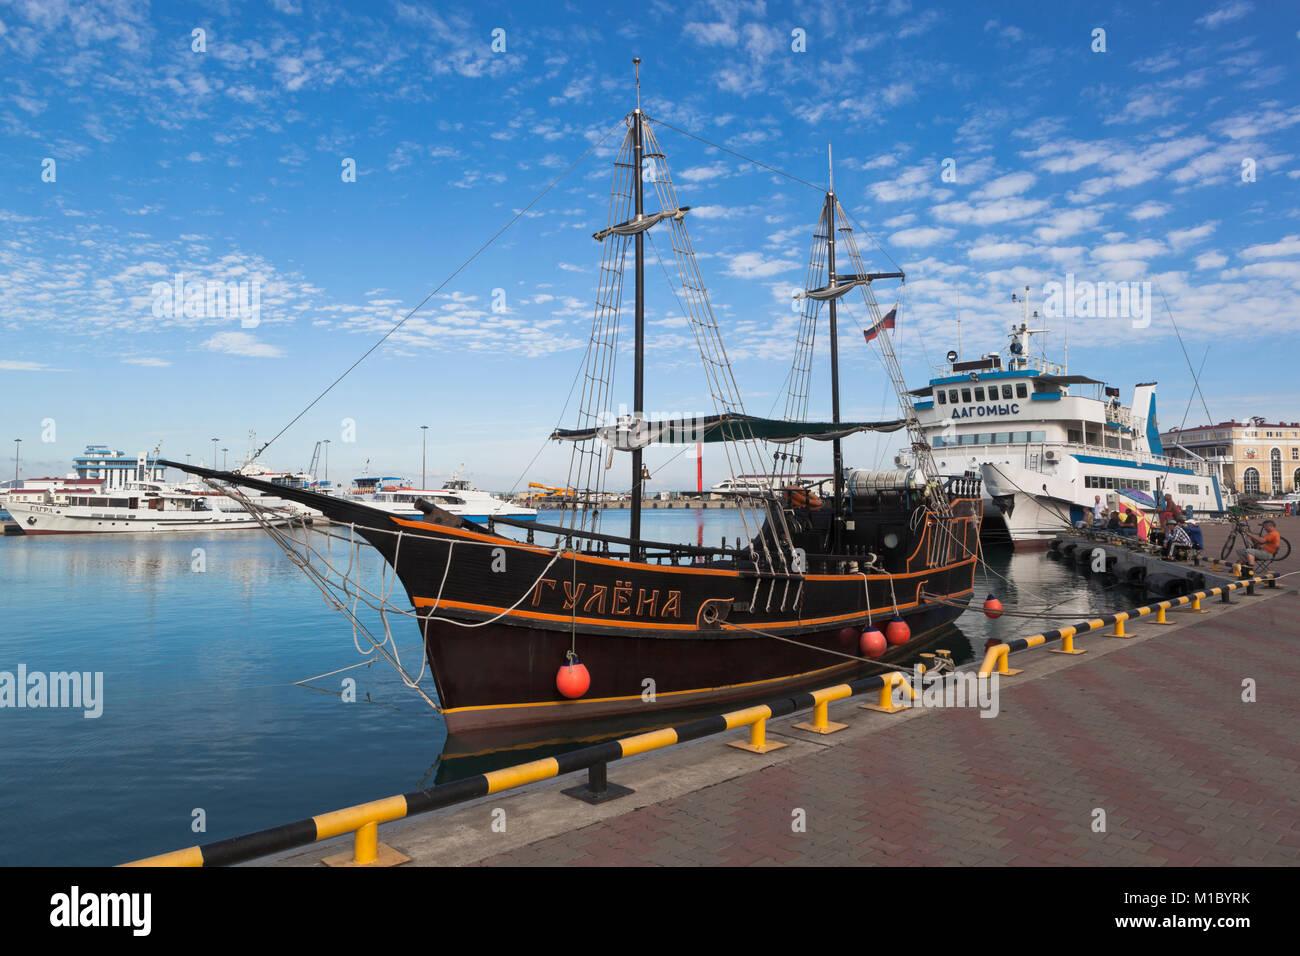 Sochi, Krasnodar region, Russia - July 10, 2016: Sailfish 'Reveller' at berth Sochi seaport - Stock Image